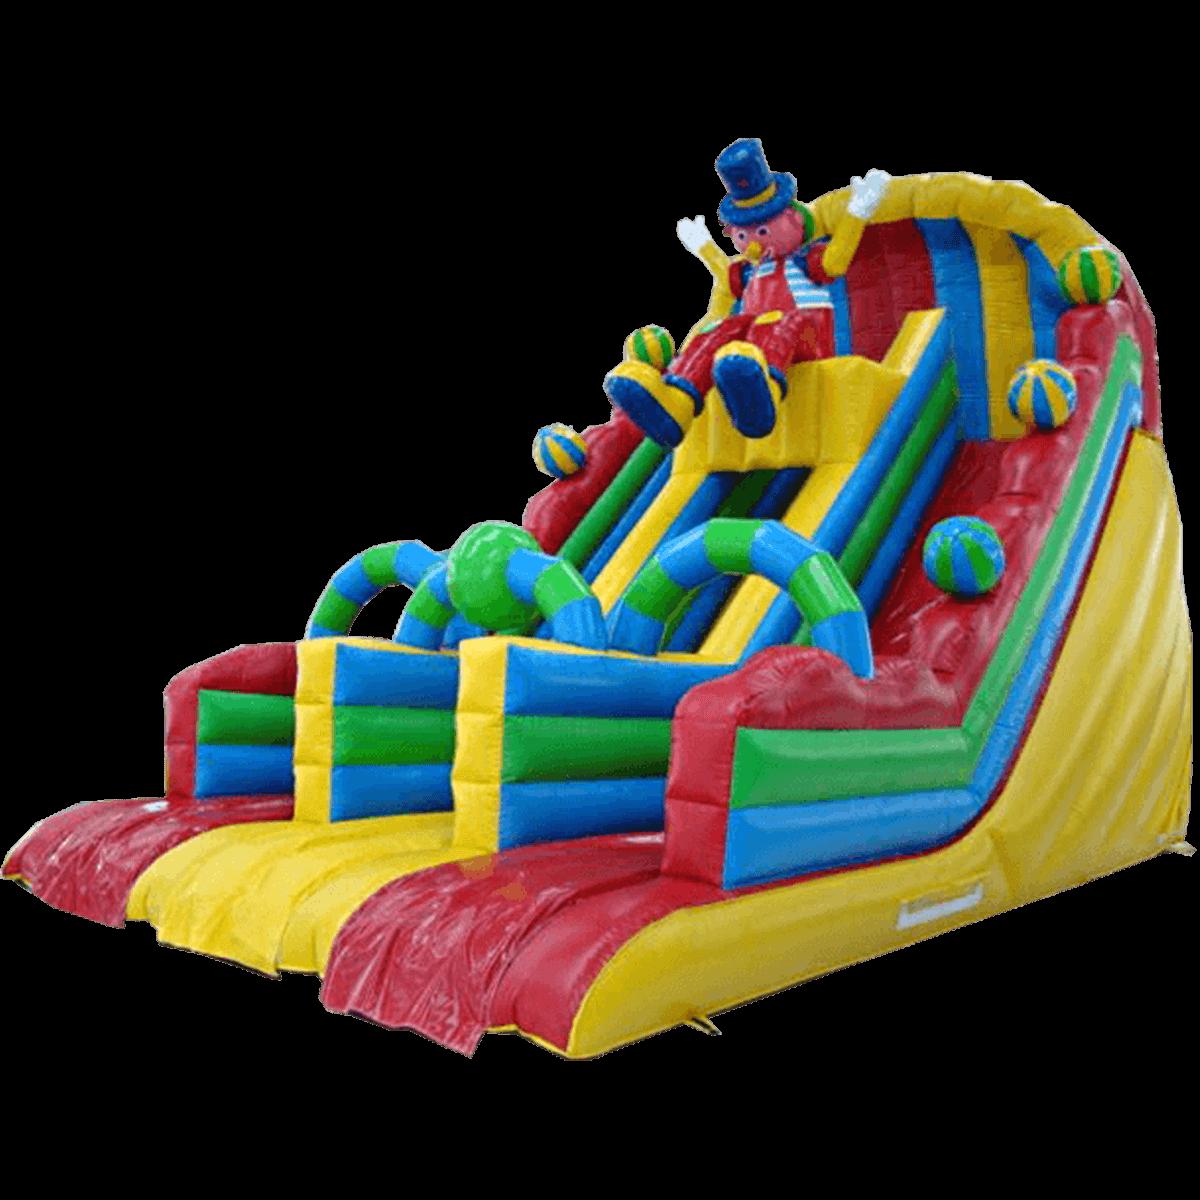 Детский надувной батут-горка «Скоморох»